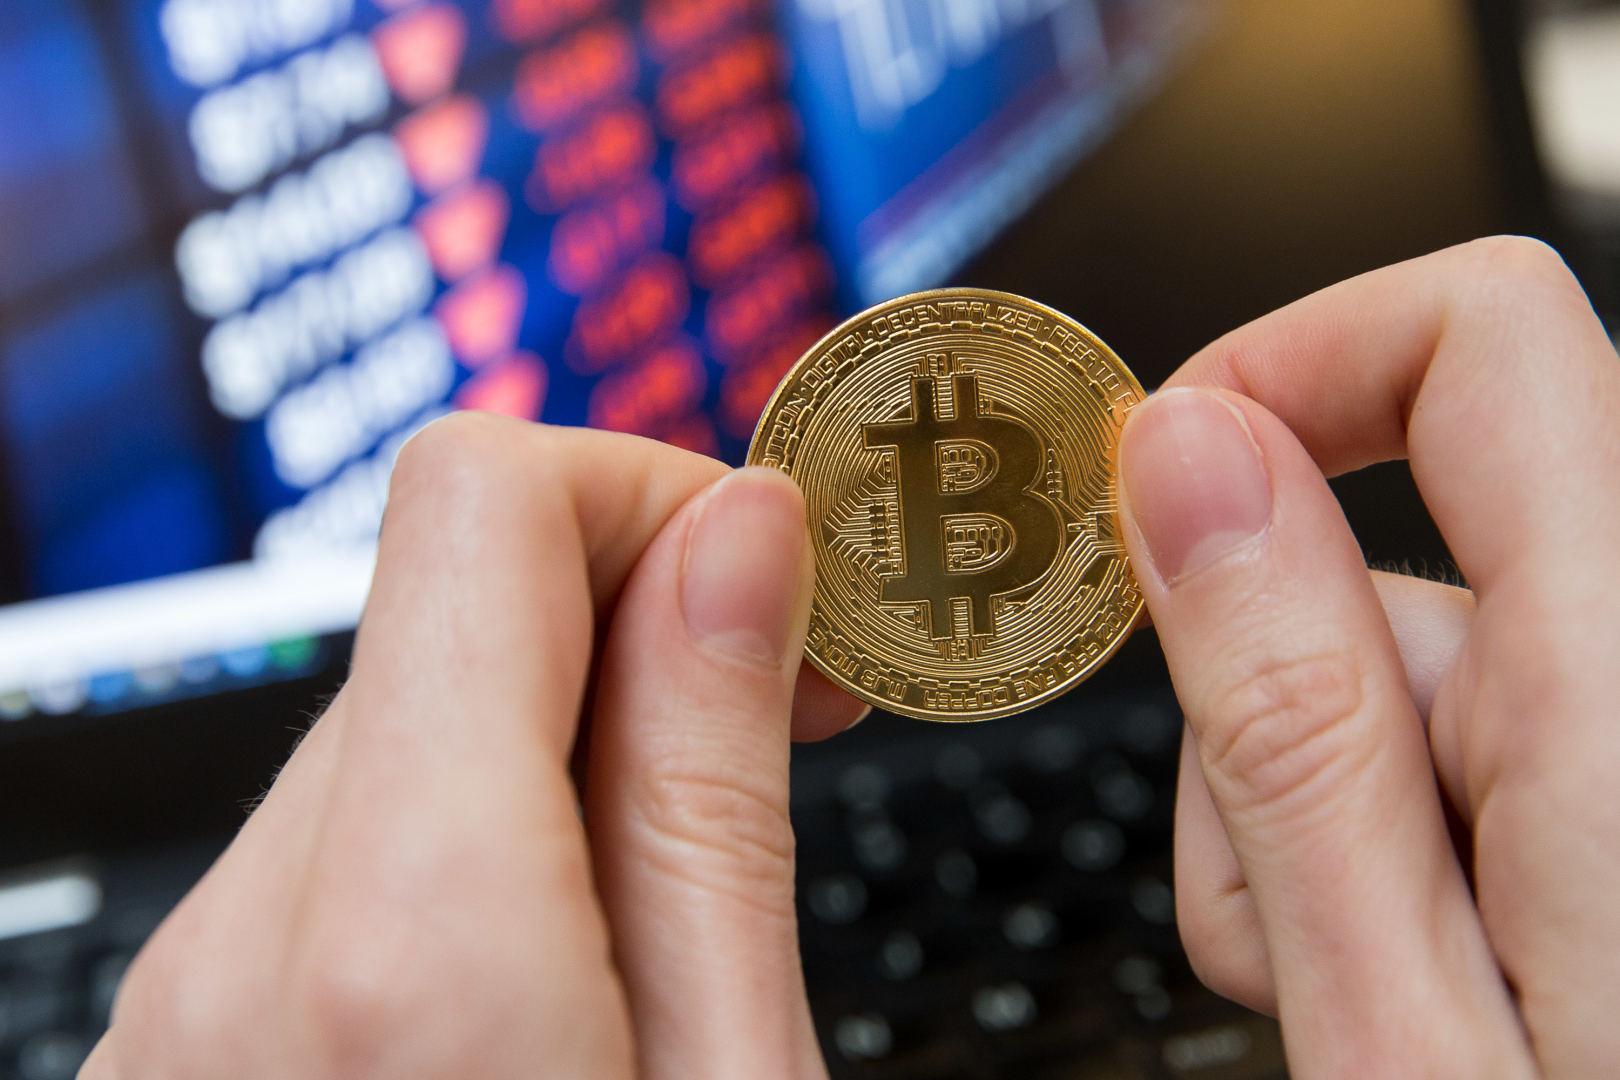 wanabe bitkoinų ateities sandoriai yra bitkoinas, į kurį dabar verta investuoti